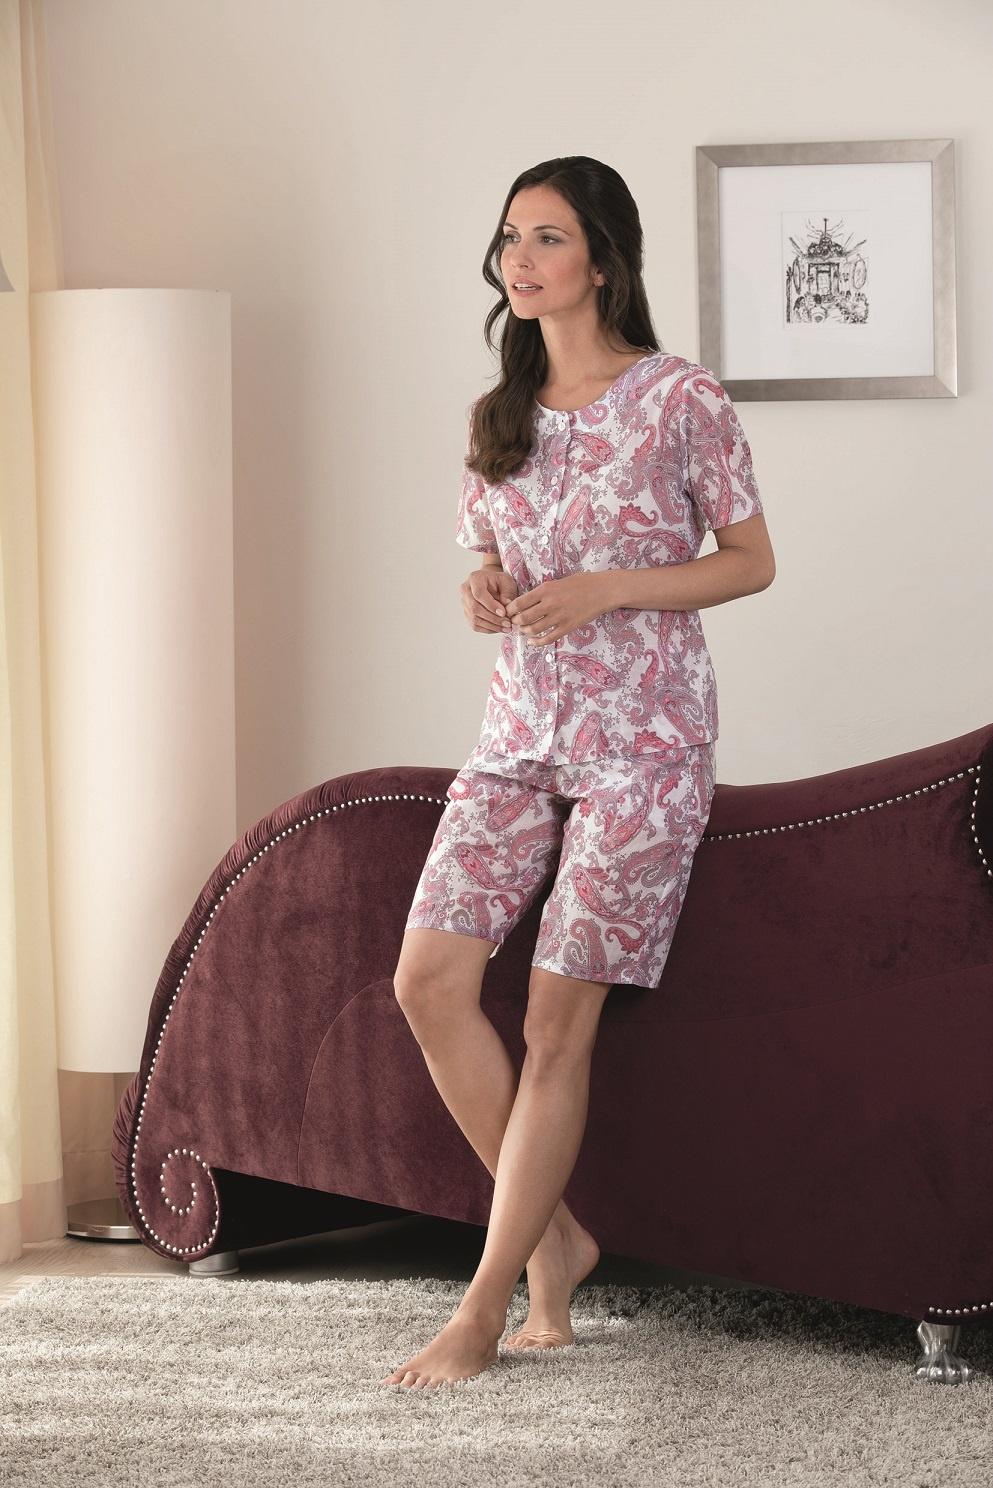 b37ae176cf NOVILA |Damen Pyjama kurz|Damen Schlafanzug kurz|Textile Träume ...